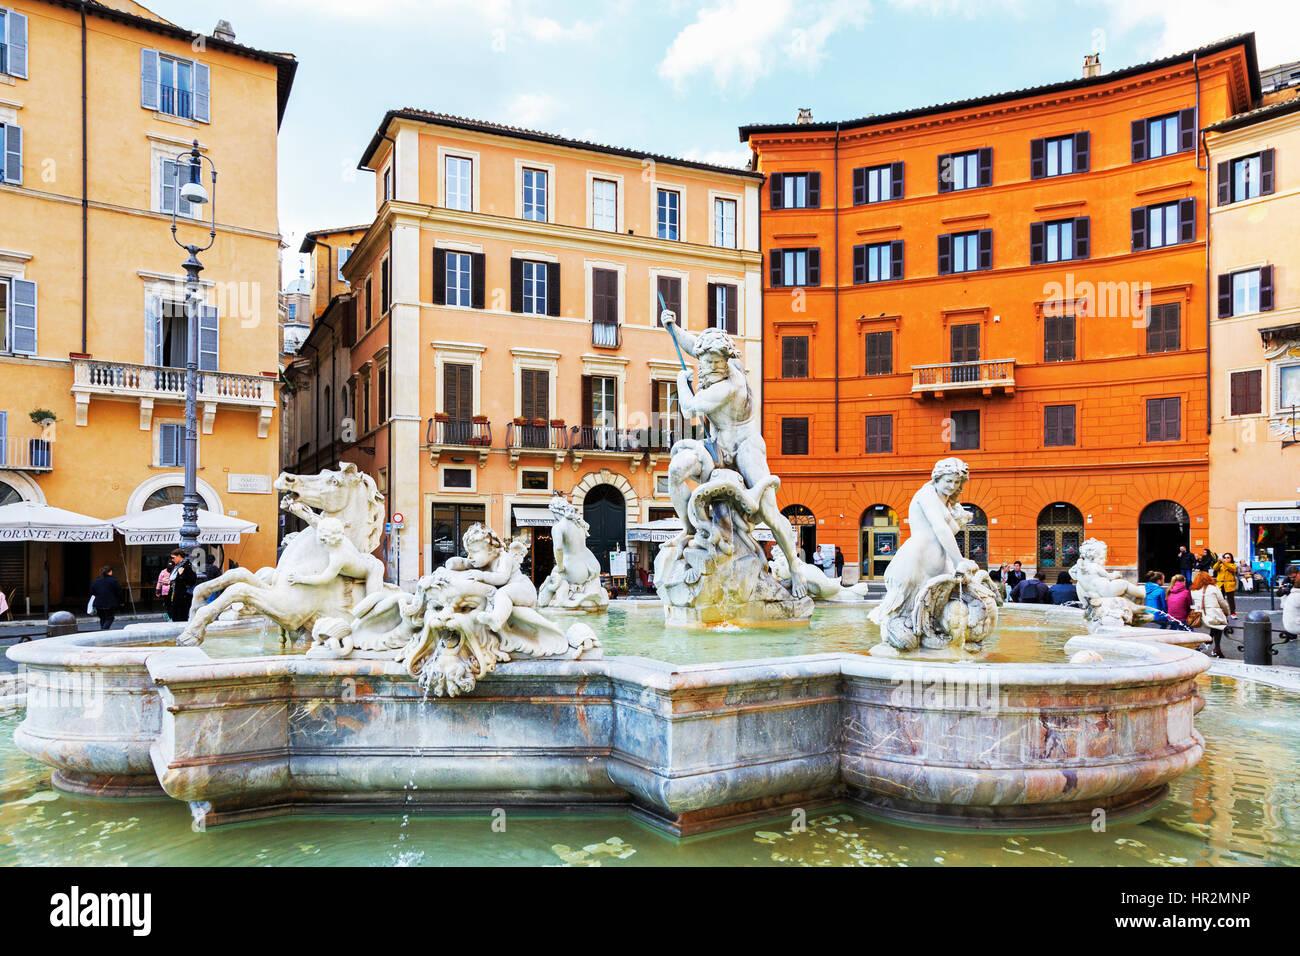 Wasser-Brunnen auf der Piazza Navona, Roma, Italien Stockbild